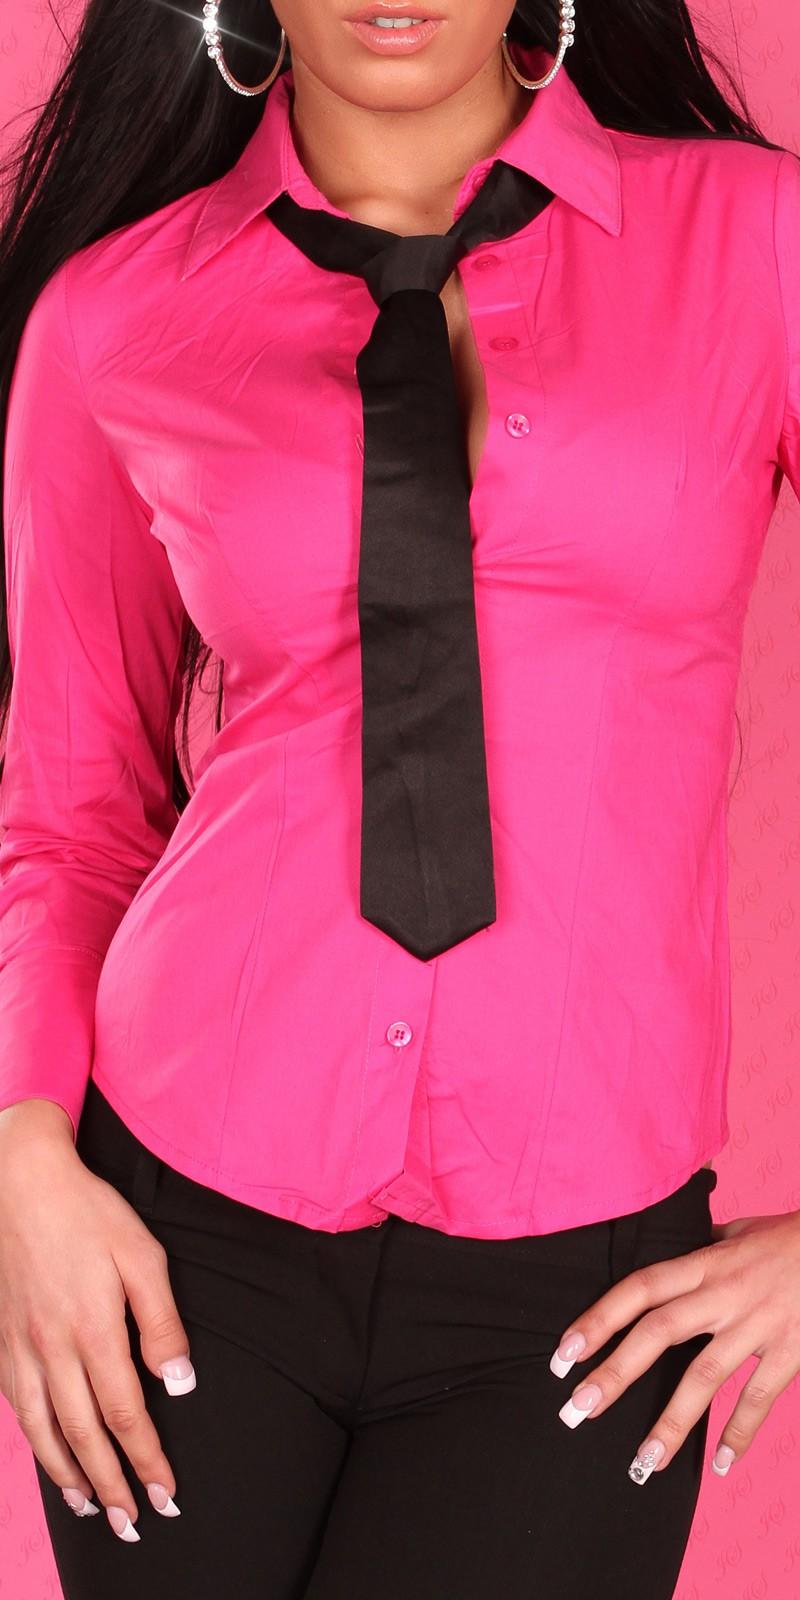 a26e13842c Üzleti blúz nyakkendővel több szín | Mysticfashion női ruha ...